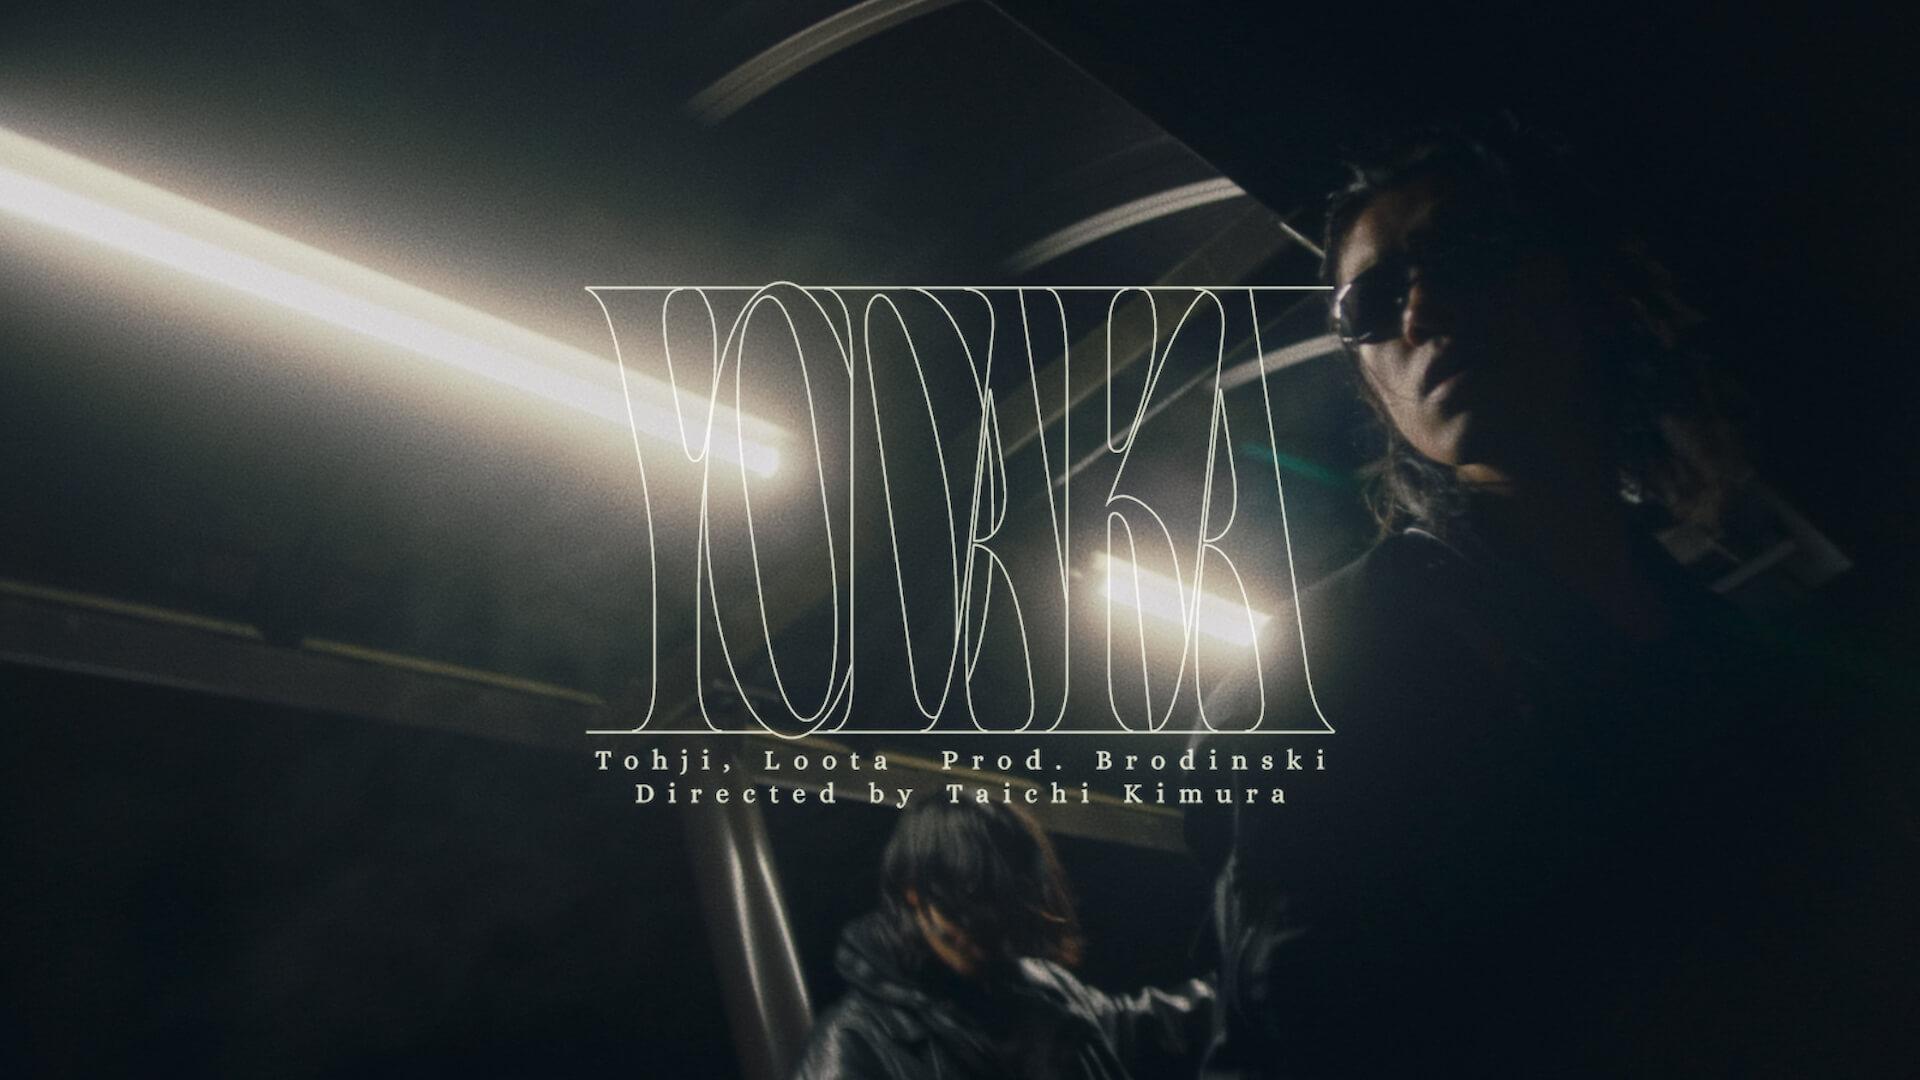 """Tohji、Loota、Brodinskiのアルバム『KUUGA』から木村太一監督の""""Yodaka""""MVが公開! music210722_kuuga_yodaka_main"""